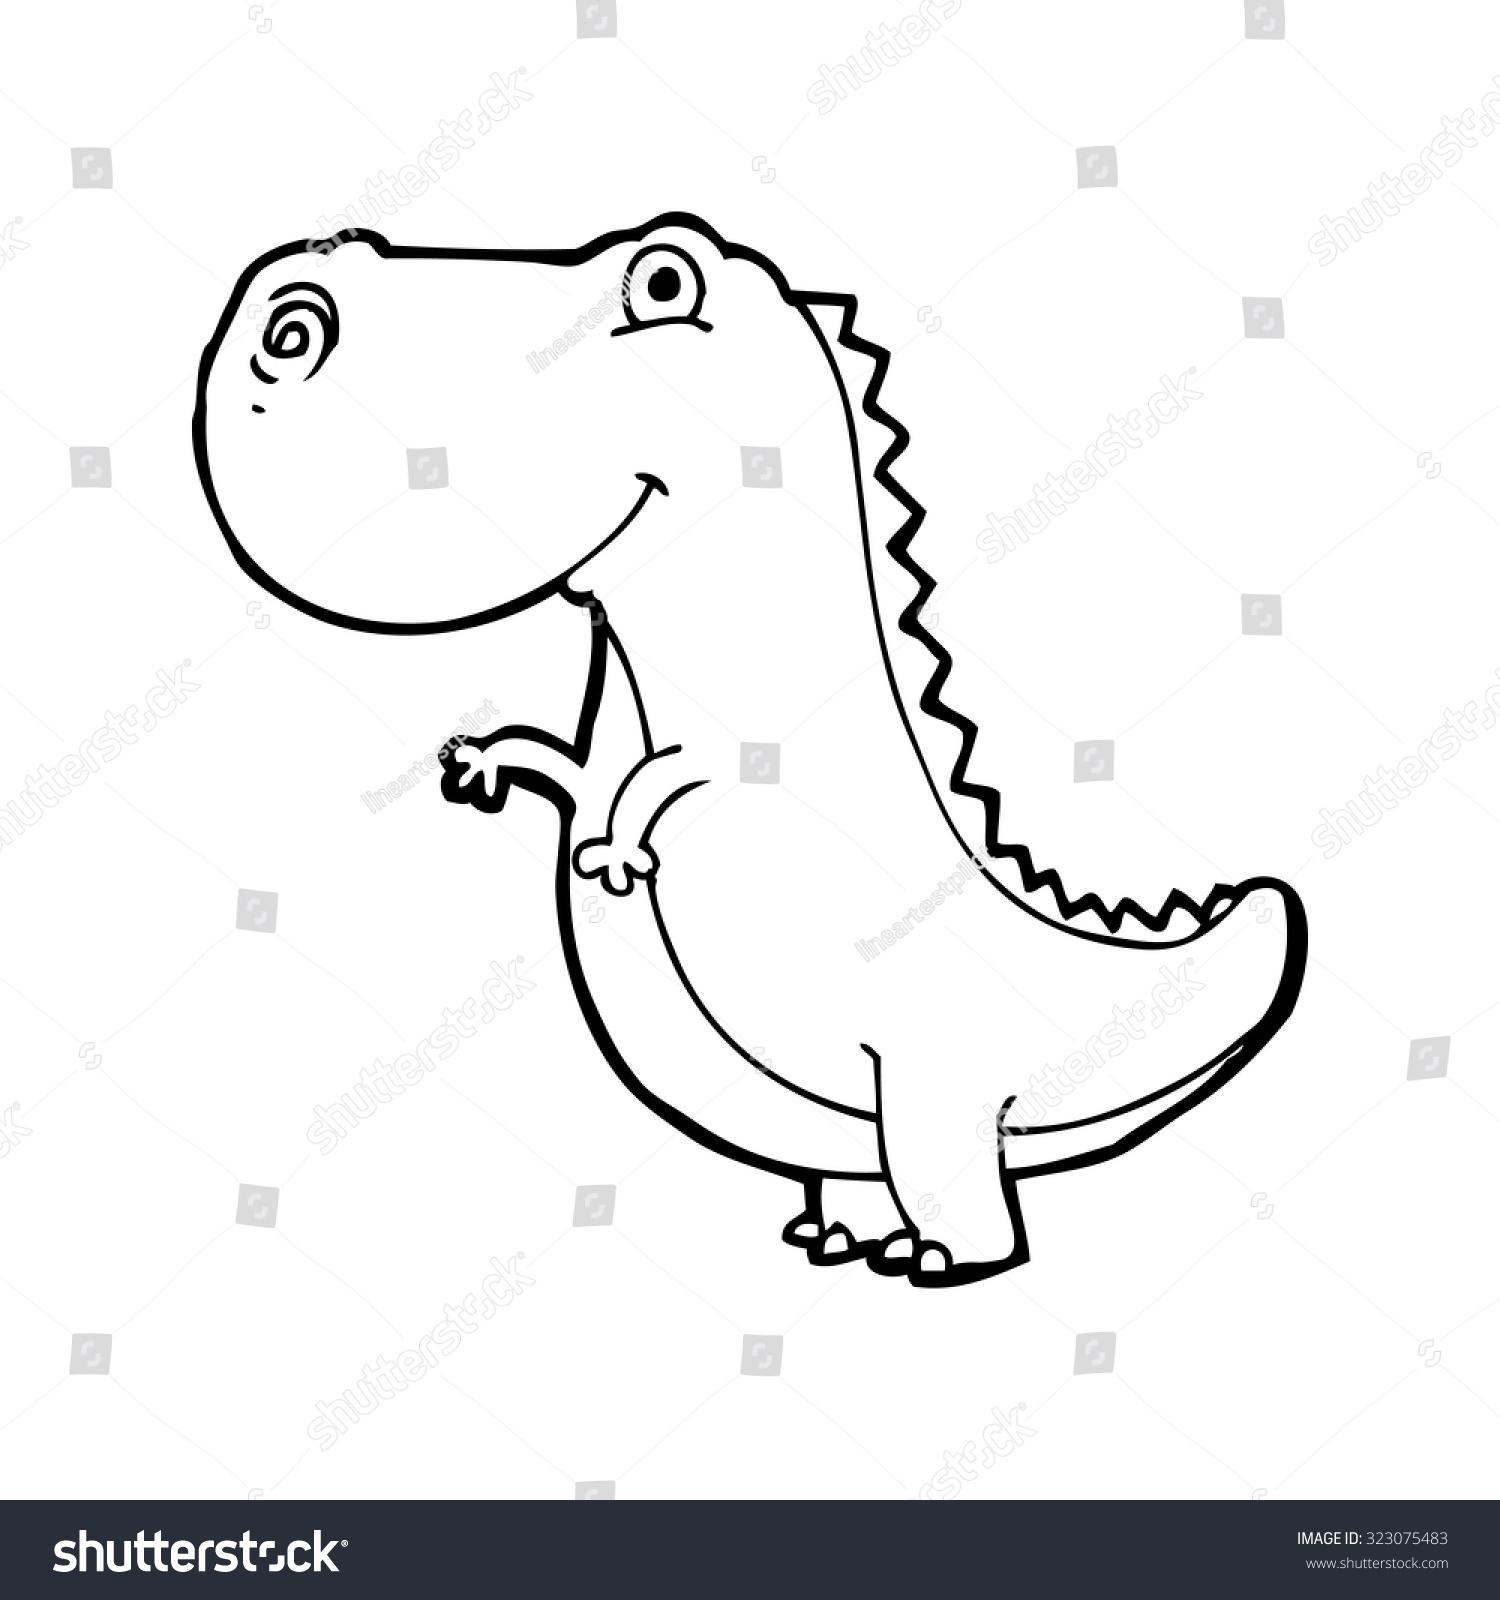 简单的黑白线条画卡通恐龙-动物/野生生物-海洛创意()